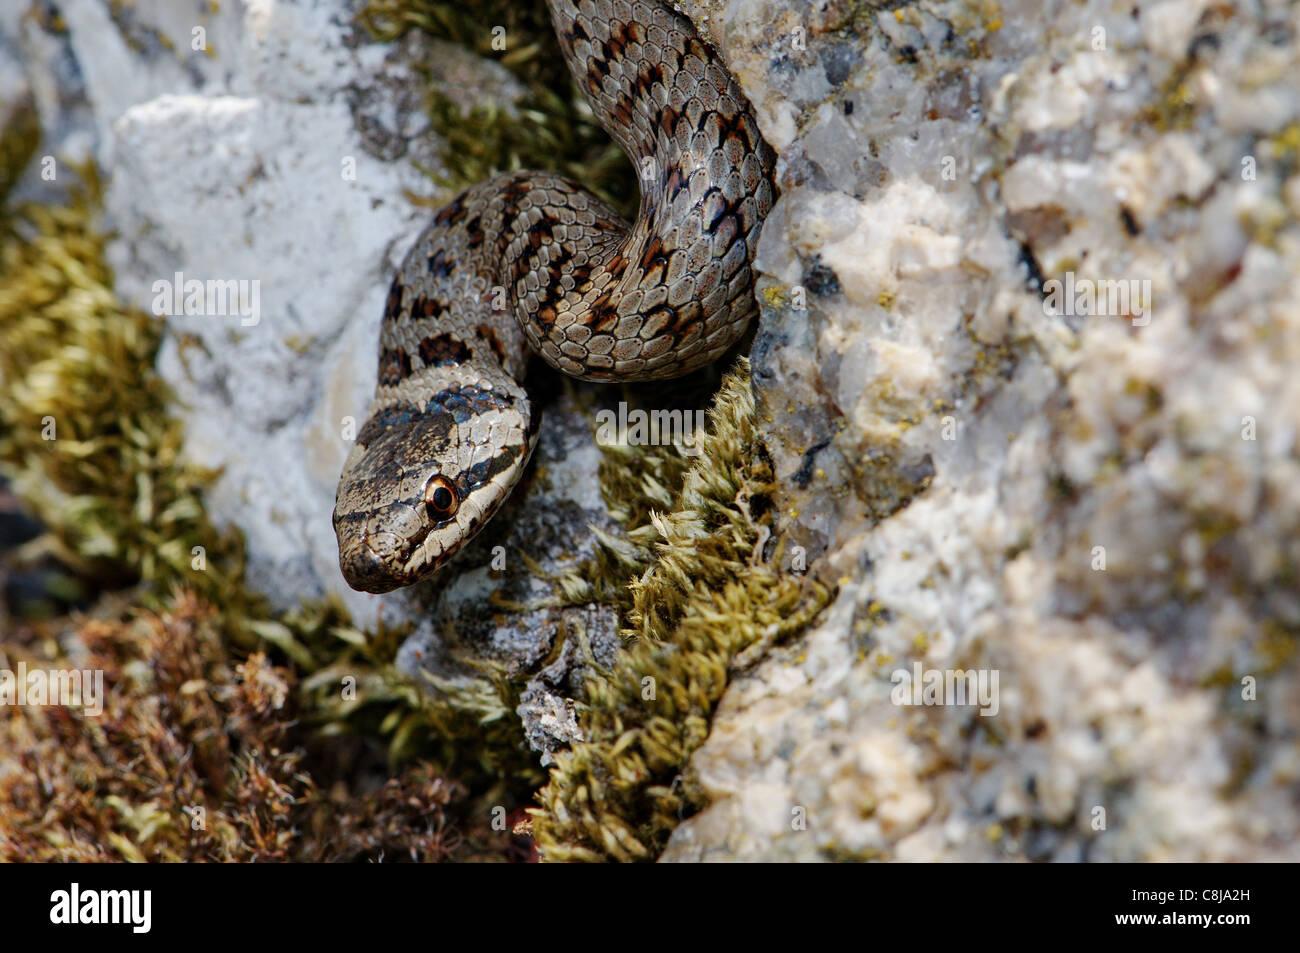 Suave, Coronella austriaca de serpiente, serpiente, serpientes, reptiles, reptiles, retrato, protegida, en peligro Foto de stock